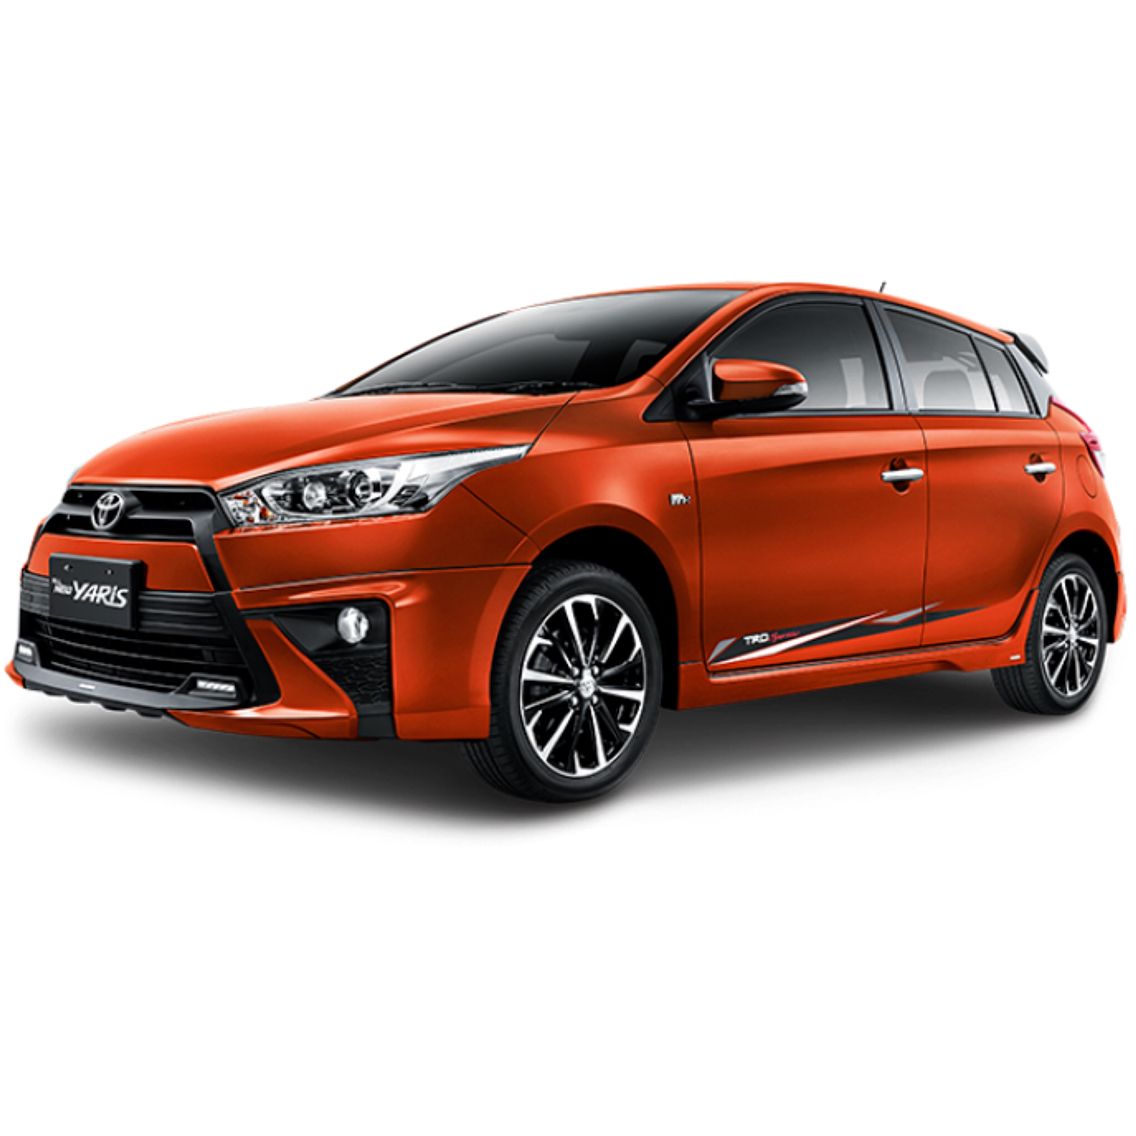 Harga Toyota Yaris Trd Matic All New Alphard 2017 Indonesia Mobil Semarang Sales Promo Kredit